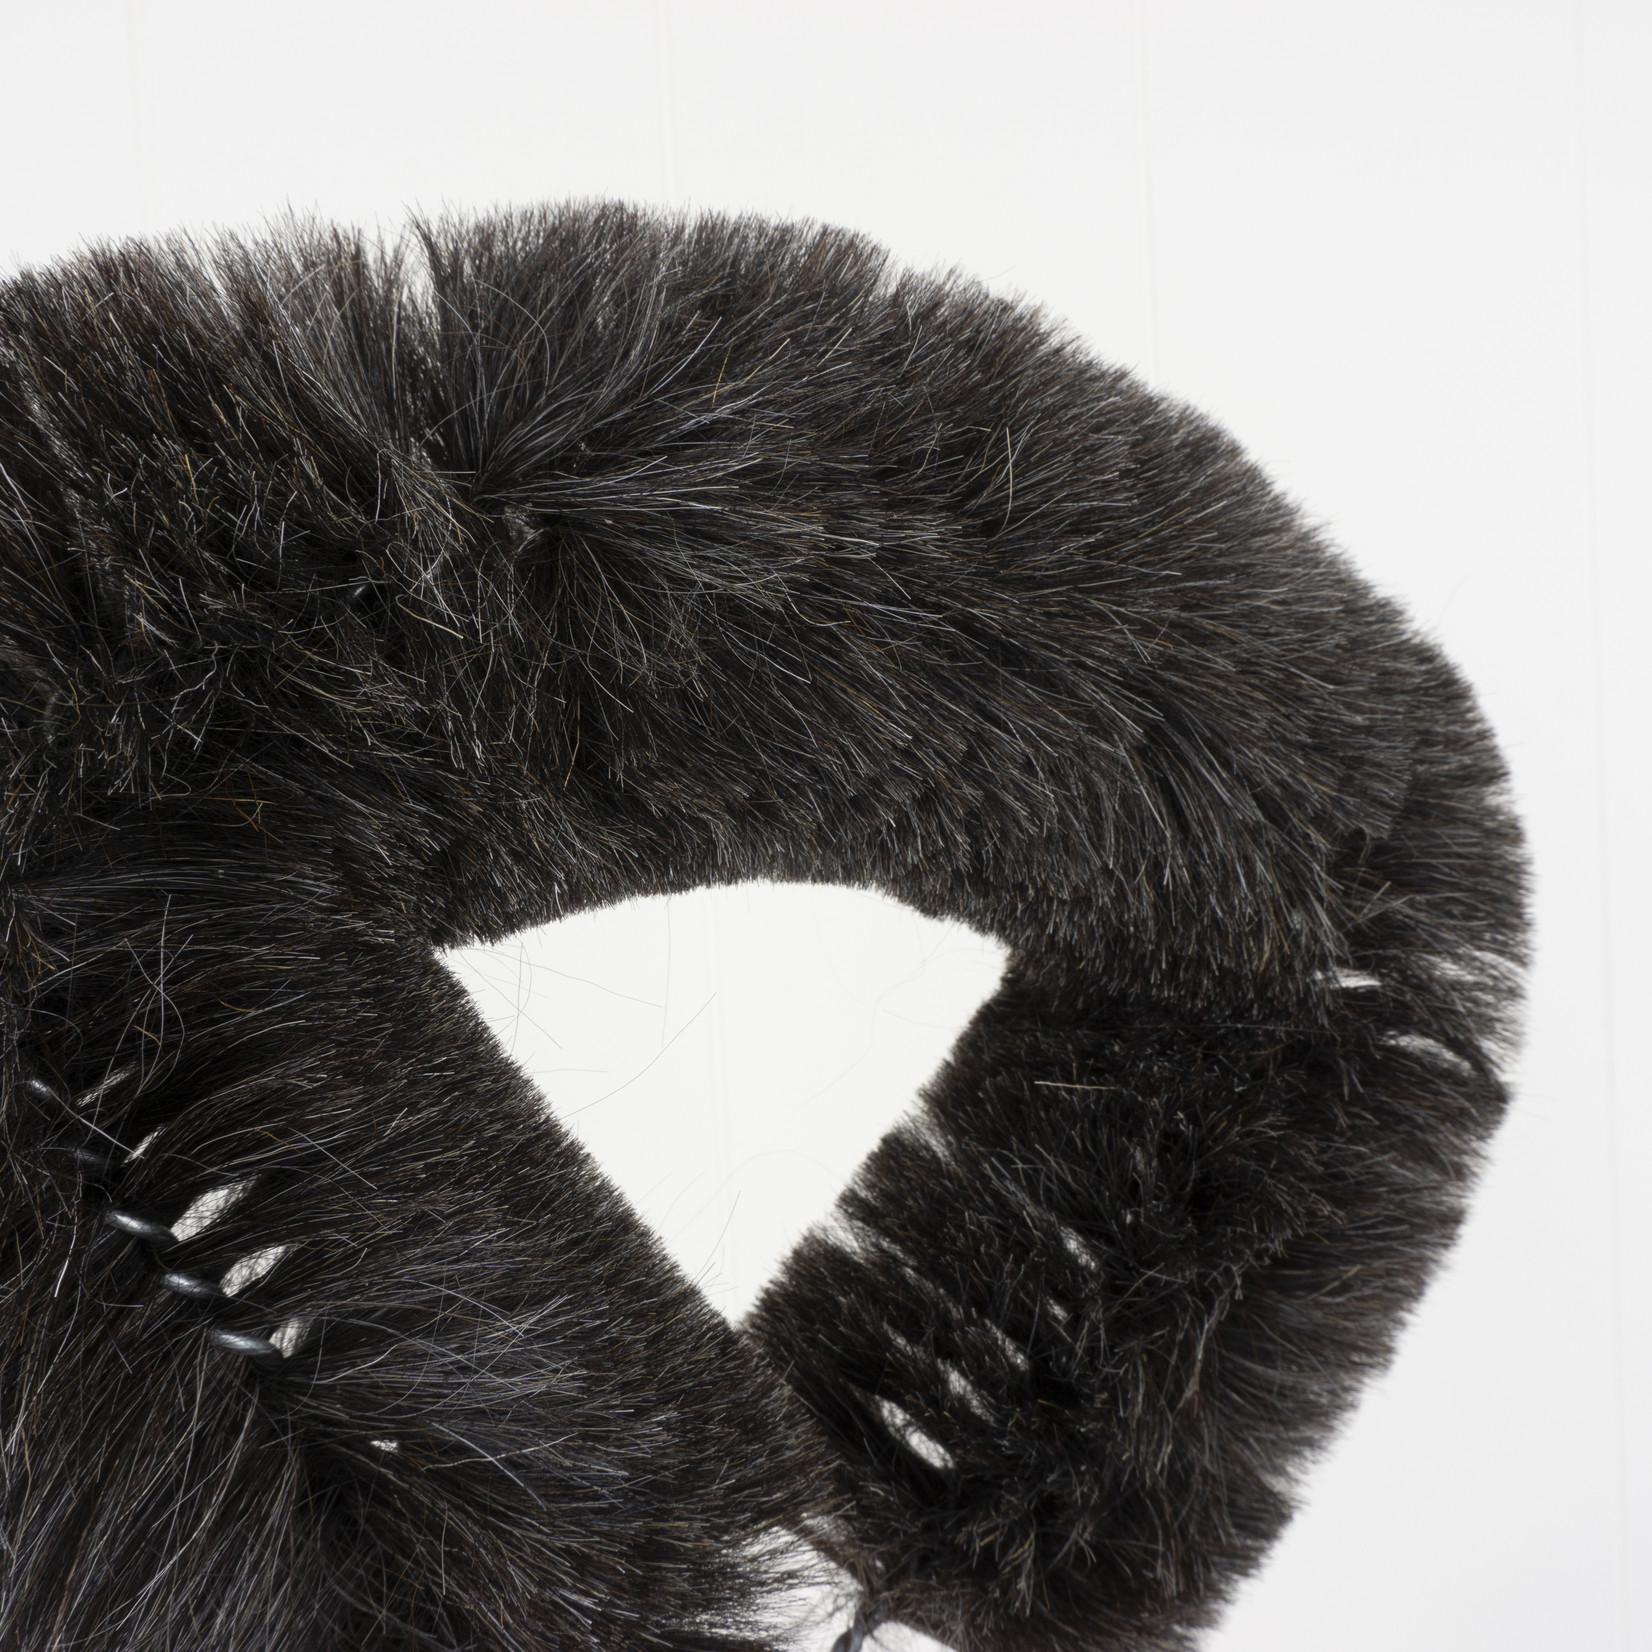 Goat Hair Ceiling Duster